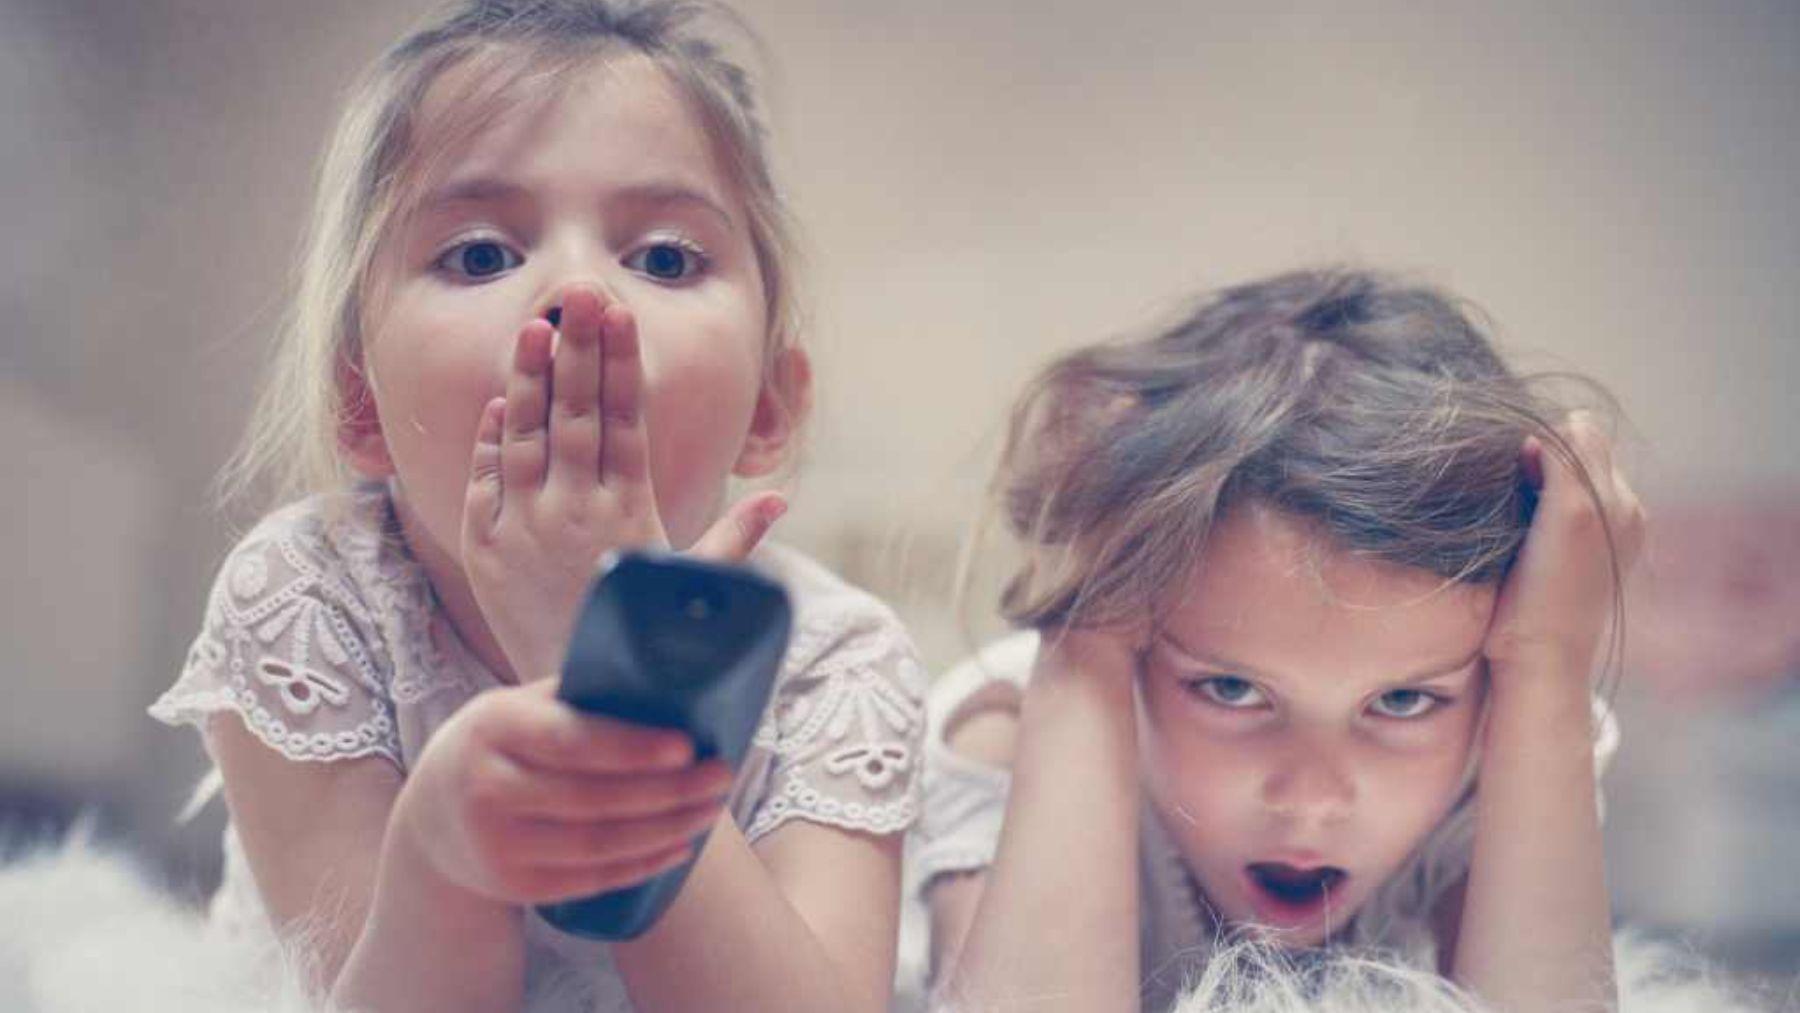 Pautas esenciales para que los niños vean la televisión